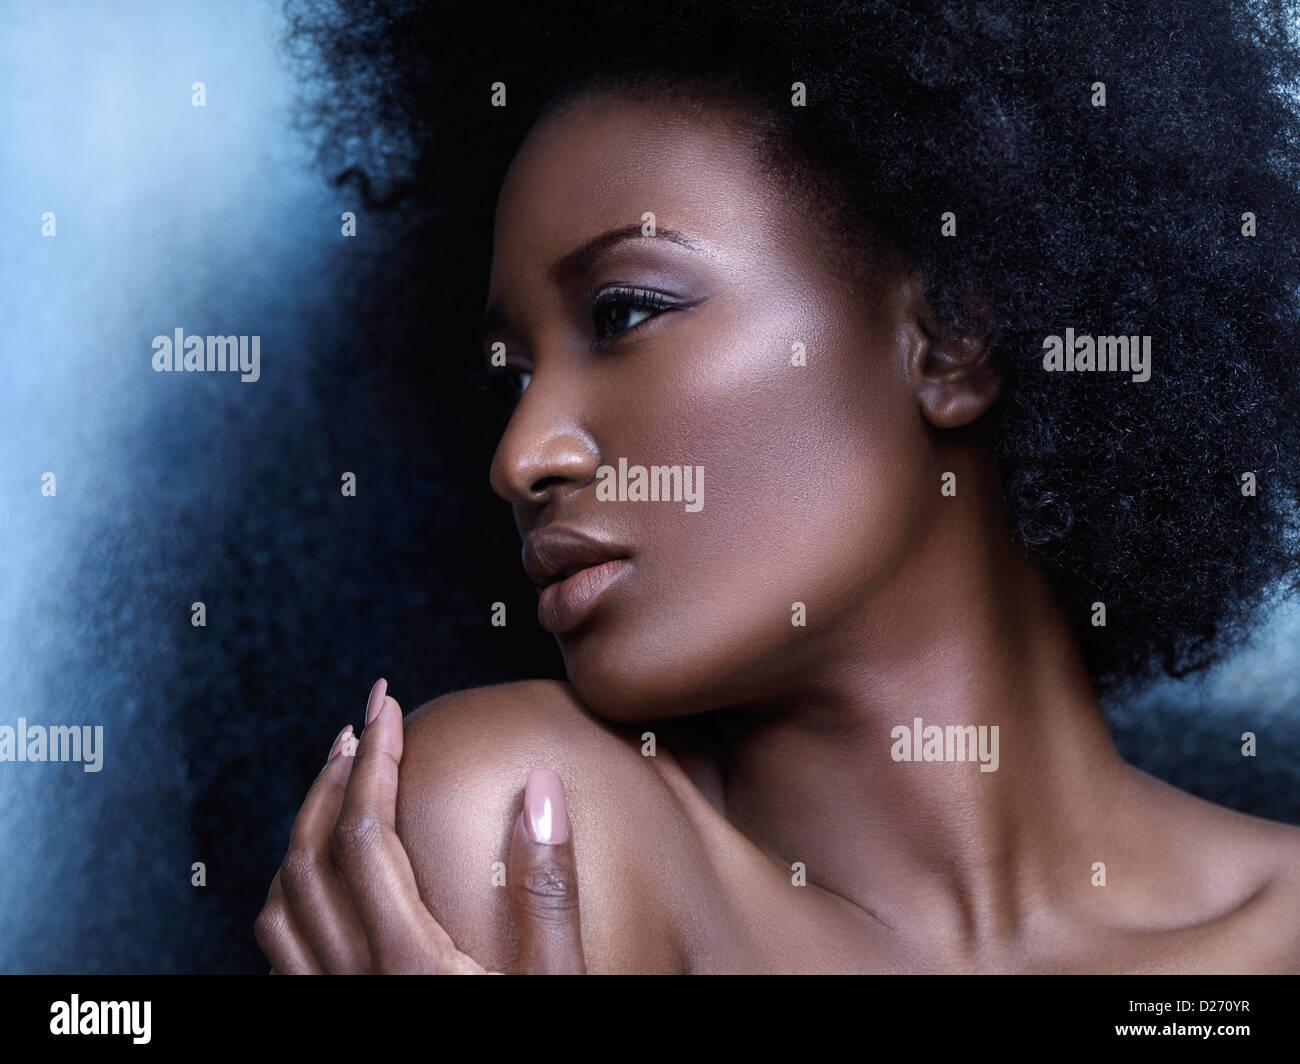 Schönheit Porträt eines jungen afroamerikanischen Frau Profils des Gesichts Stockfoto